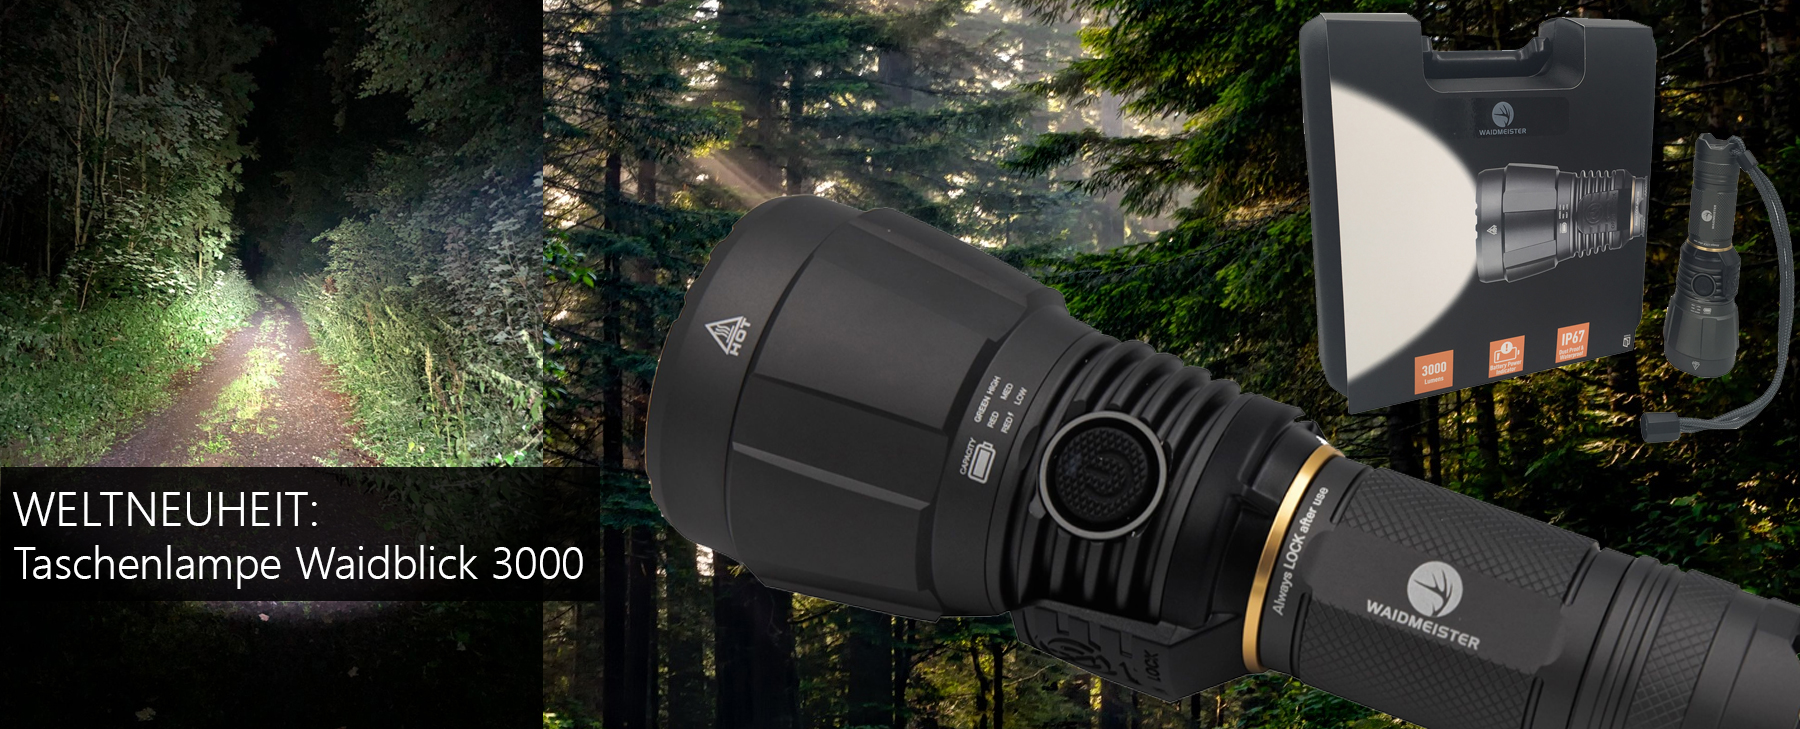 Taschenlampe Waidblick 3000 mit IP67 - 3.000 Lumen aus nur 1 LED Panel